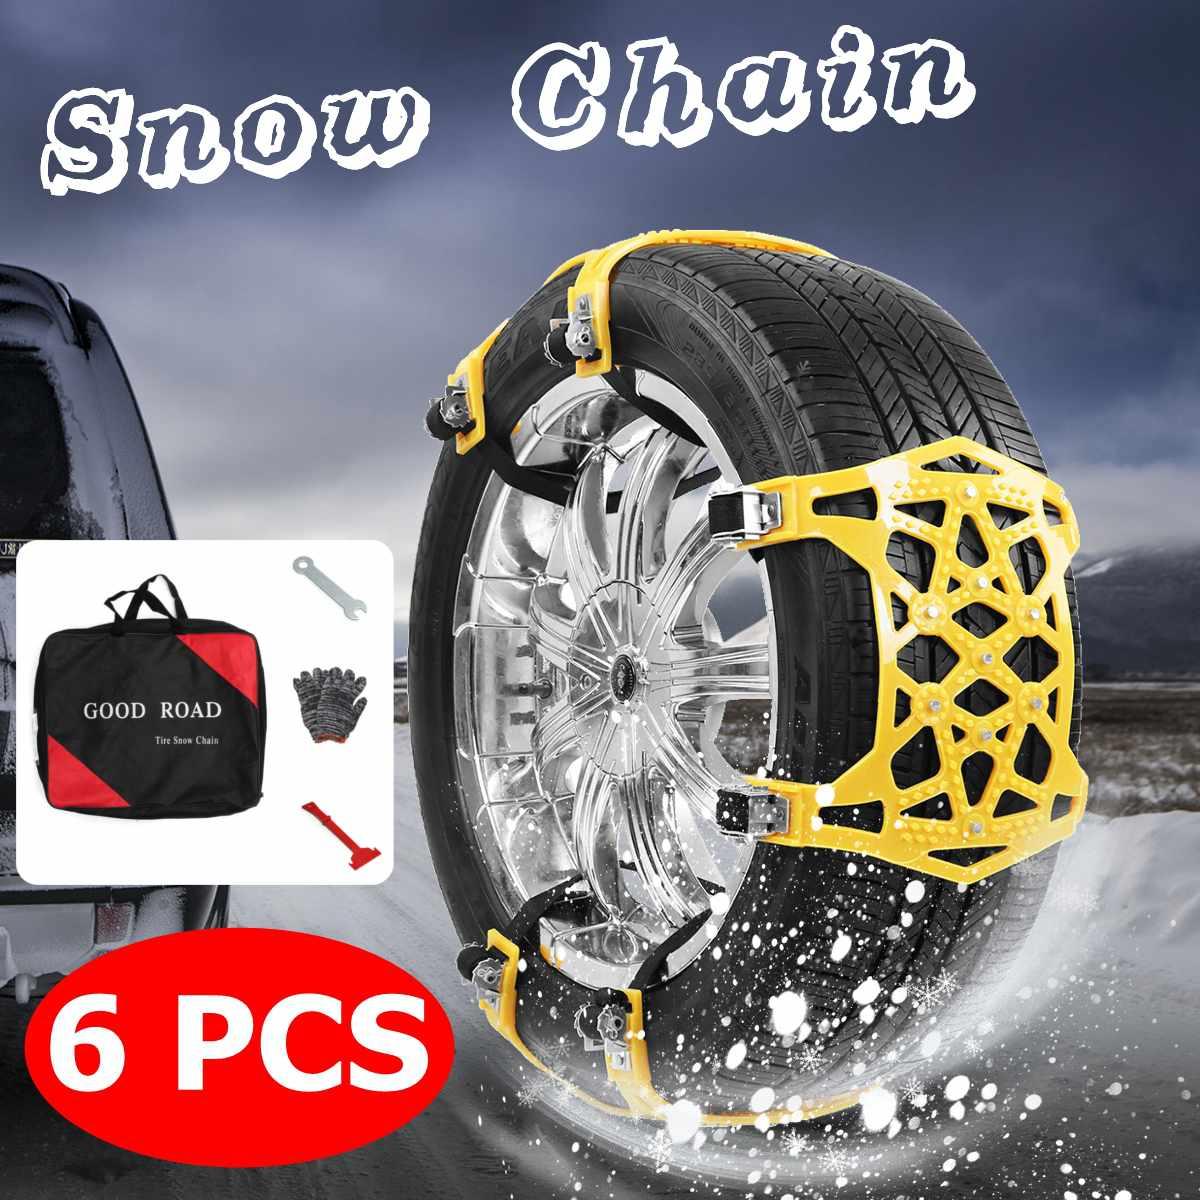 6 pièces épaissir anti-dérapant TPU neige chaînes universel voiture costume pneu général Automobile pneu pour SUV hors route sécurité chaînes neige boue